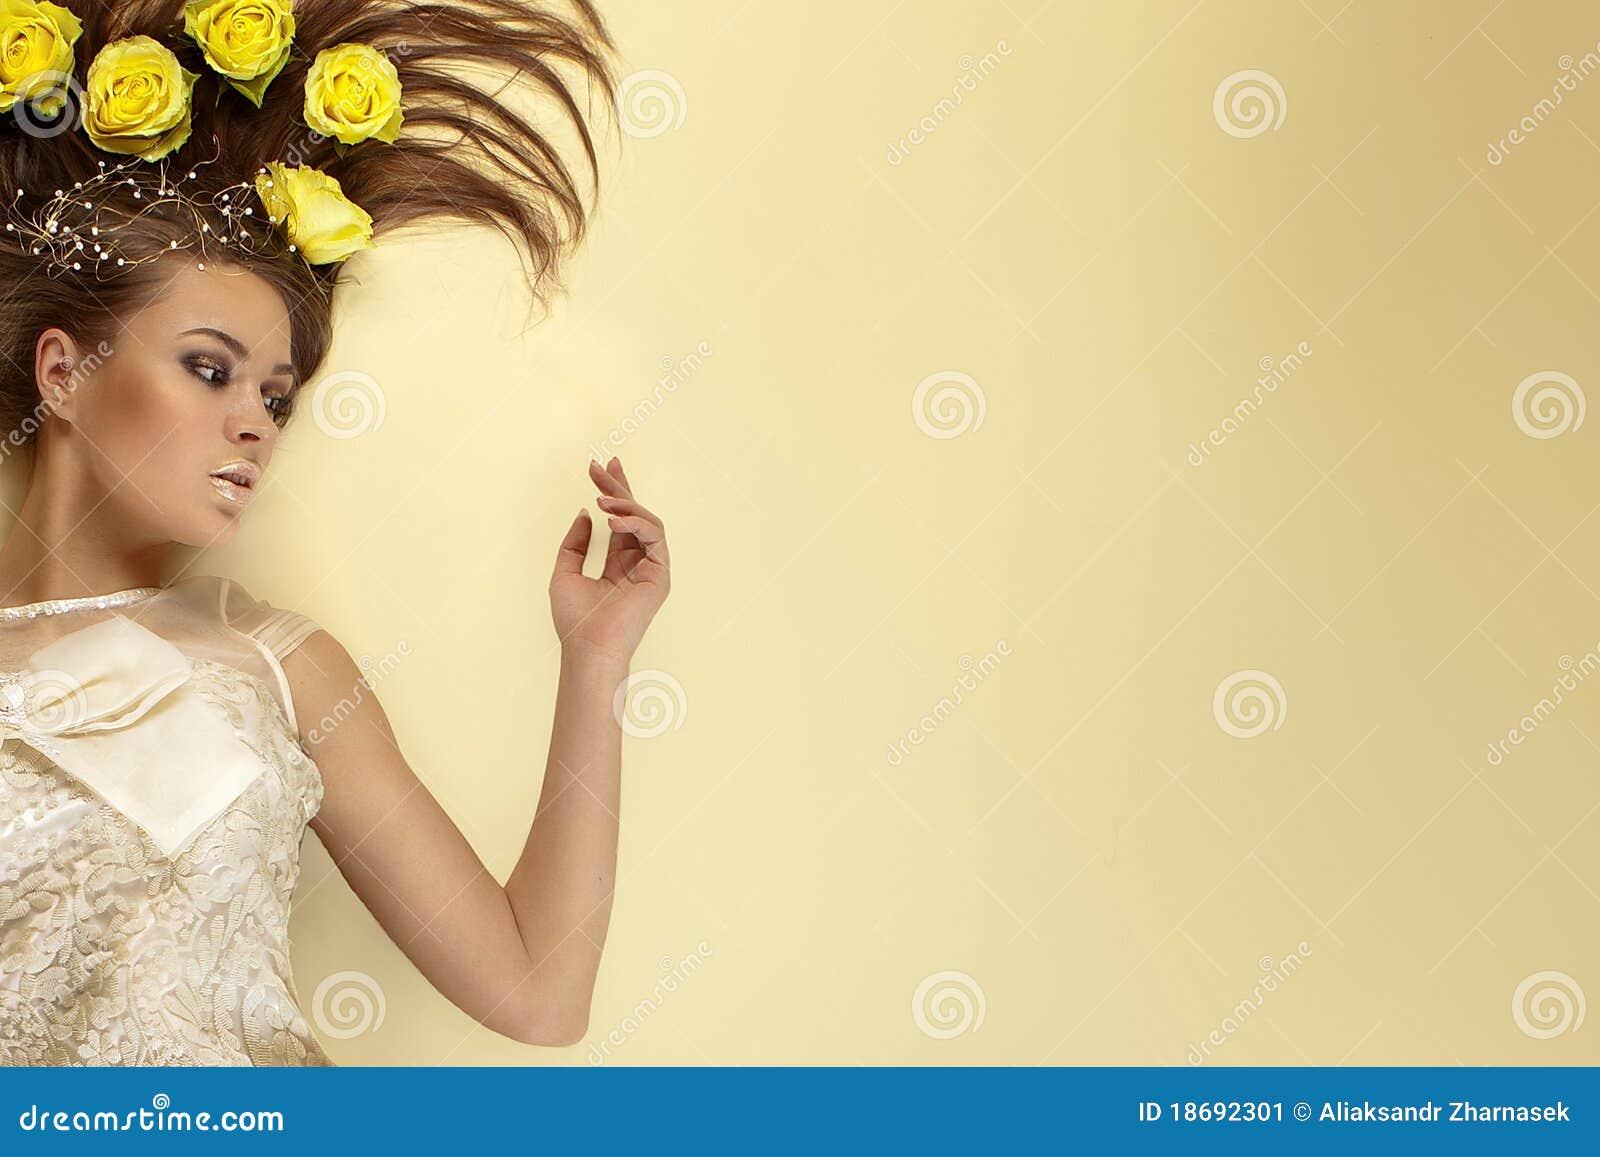 Belleza de rosas en su pelo